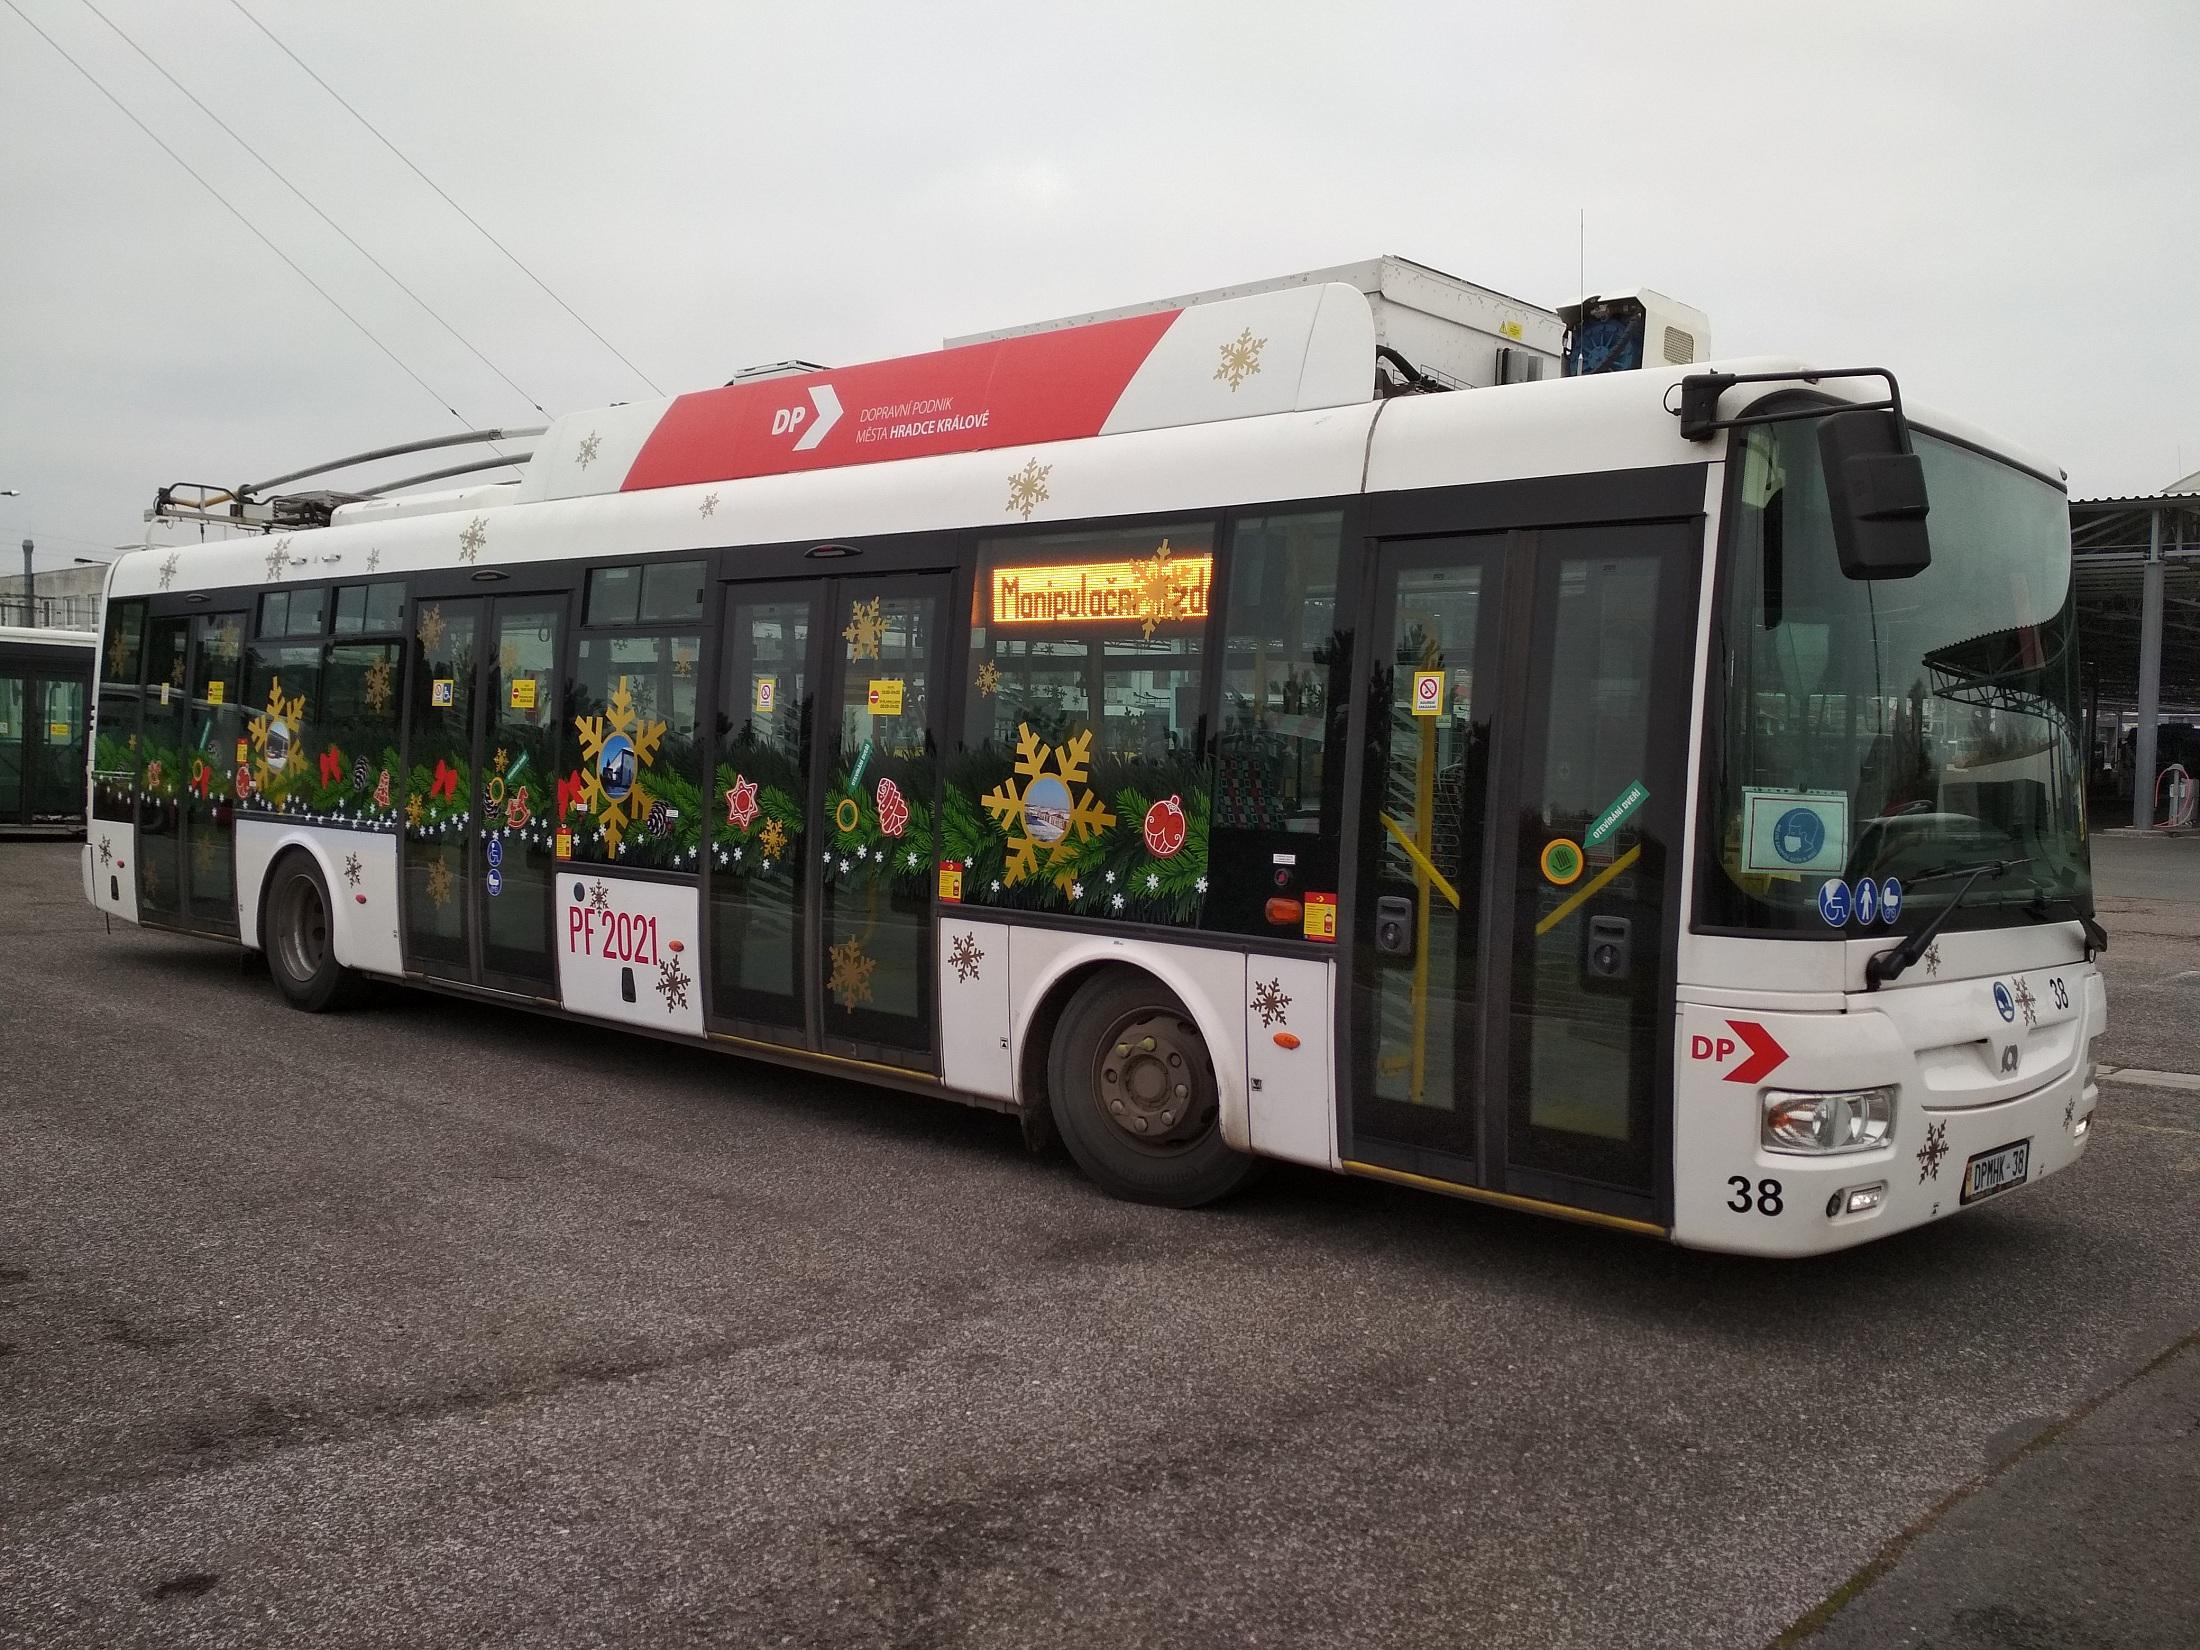 PFkový trolejbus - SOR TNB 12 - 38 - Hradec Králové (c) foto DPMHK